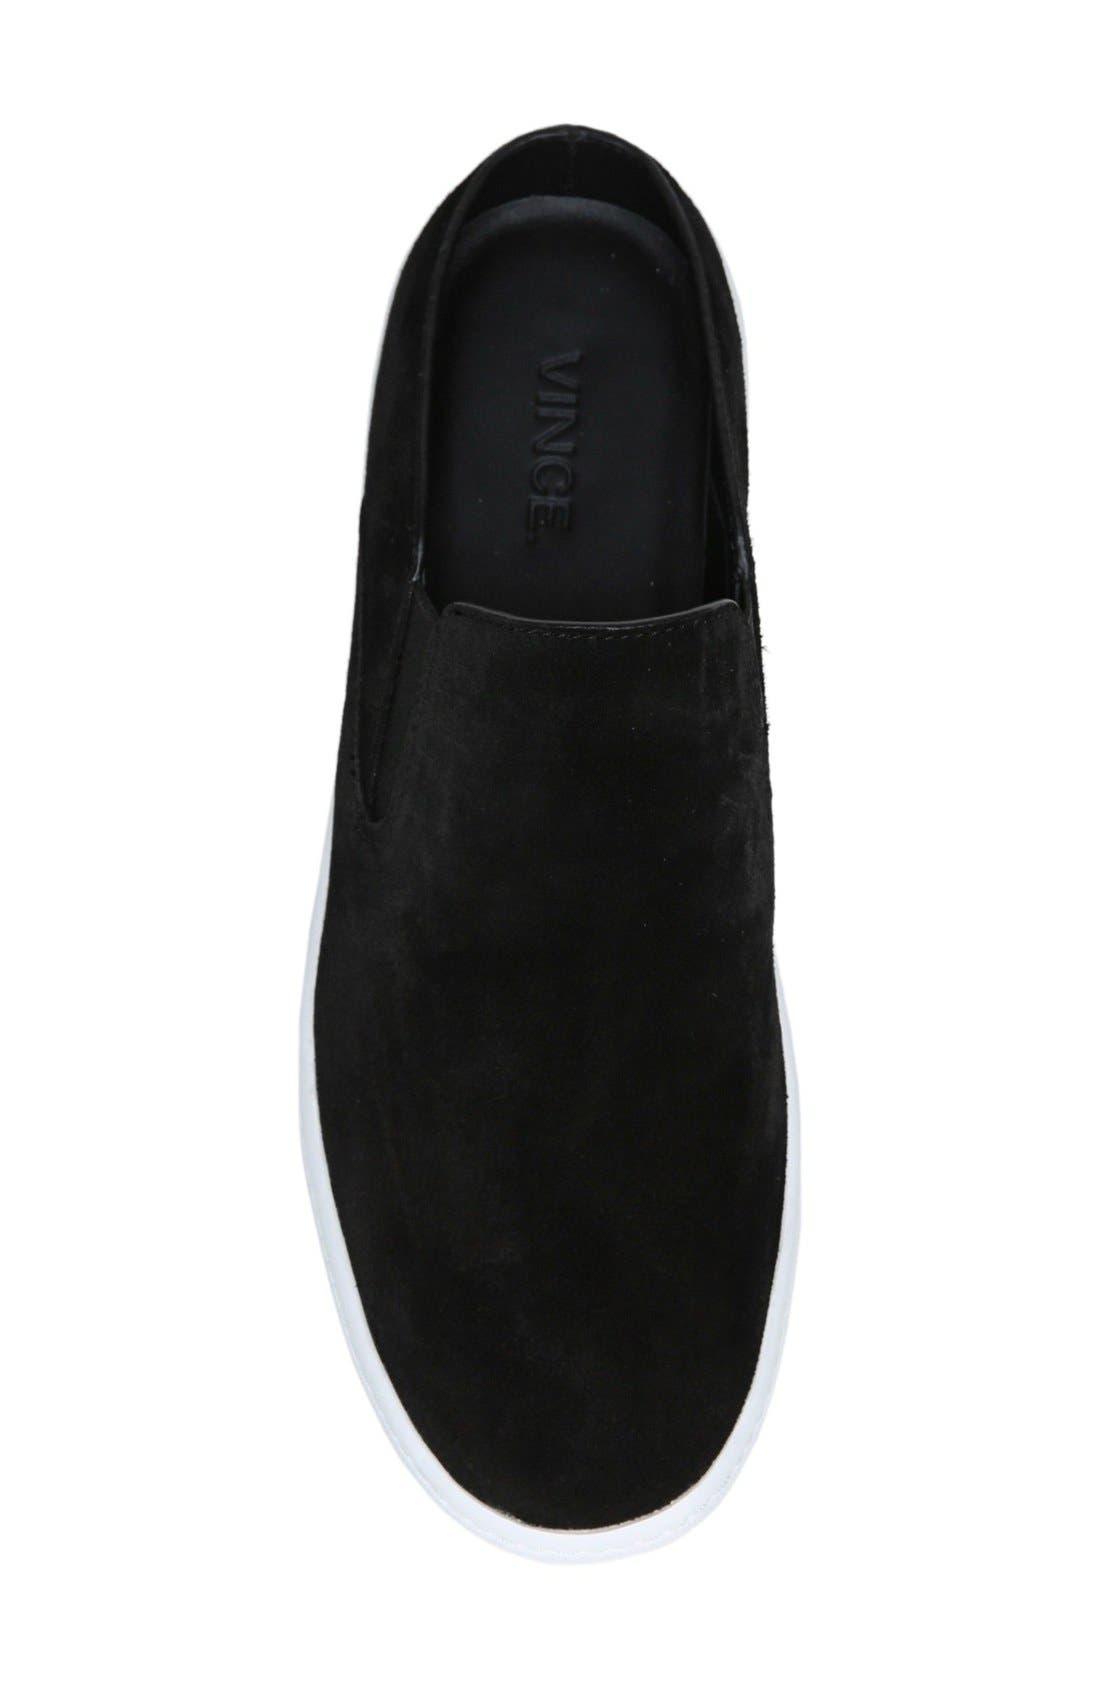 Verrell Slip-On Sneaker,                             Alternate thumbnail 3, color,                             BLACK SUEDE